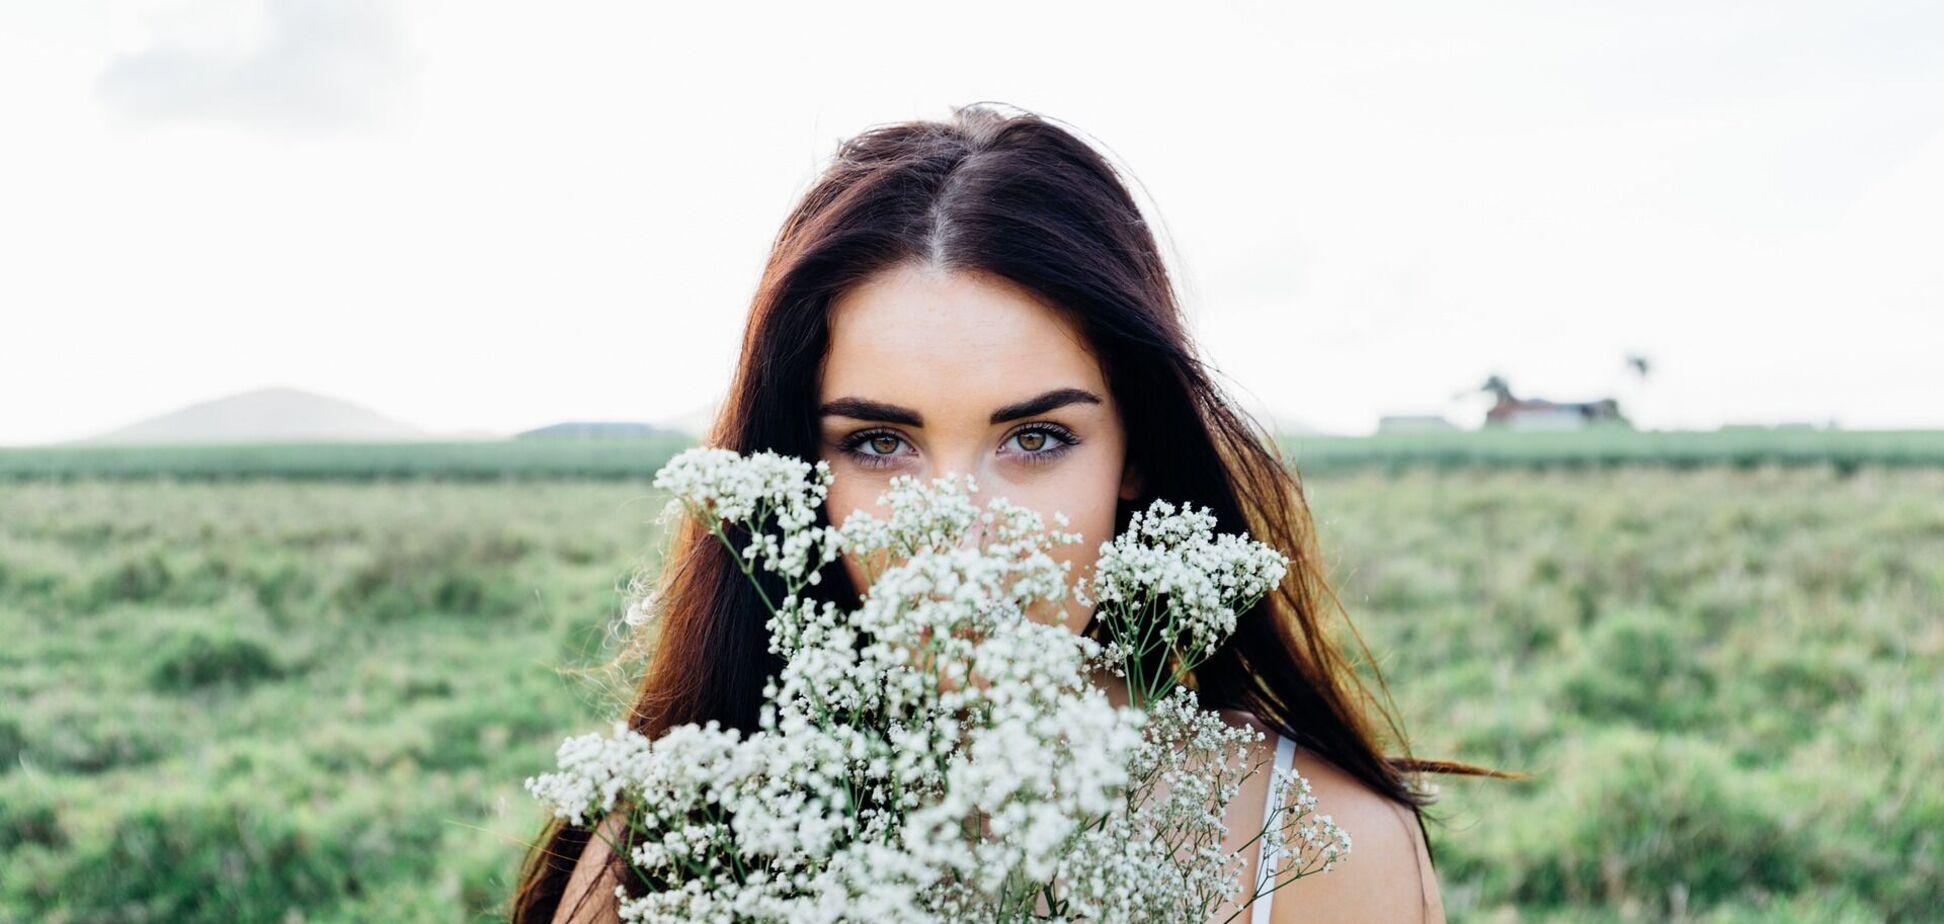 Ученые назвали возраст, в котором женщина становится самой красивой